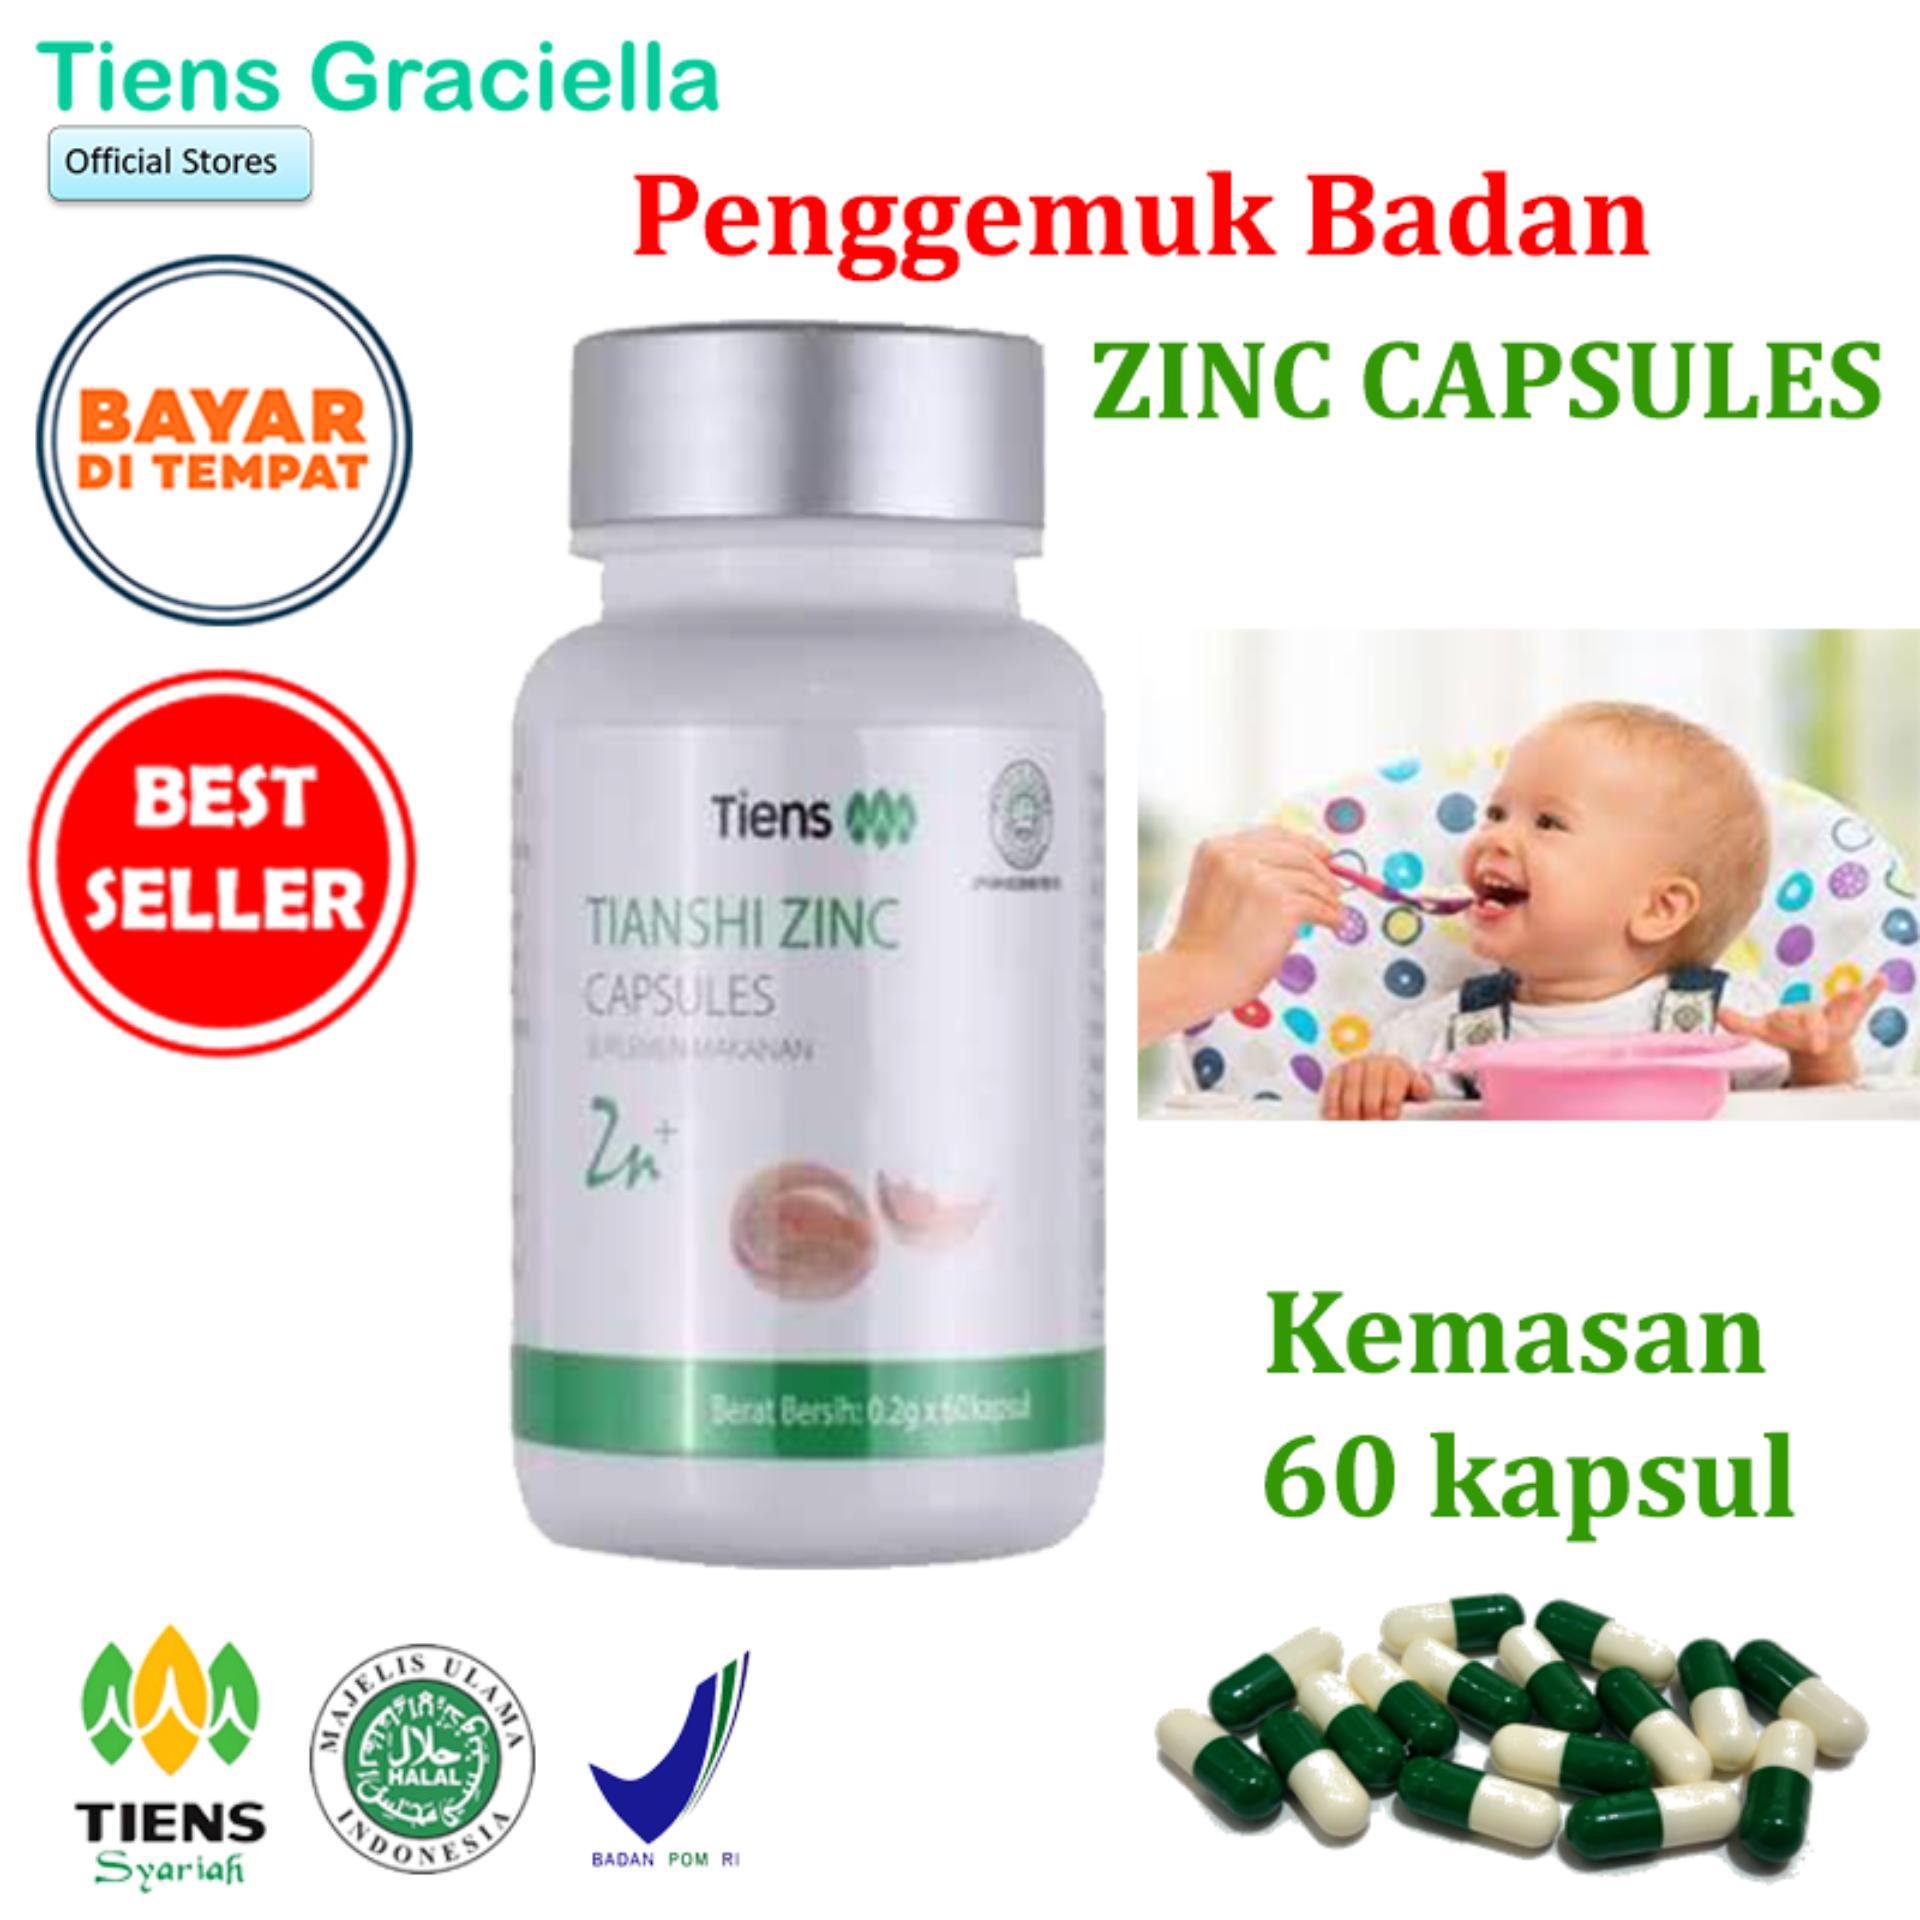 Tiens Zinc Penggemuk Badan Paket Promo Banting Harga 60 Kapsul + Gratis Kartu Member Tiens Graciella By Tiens Graciella.